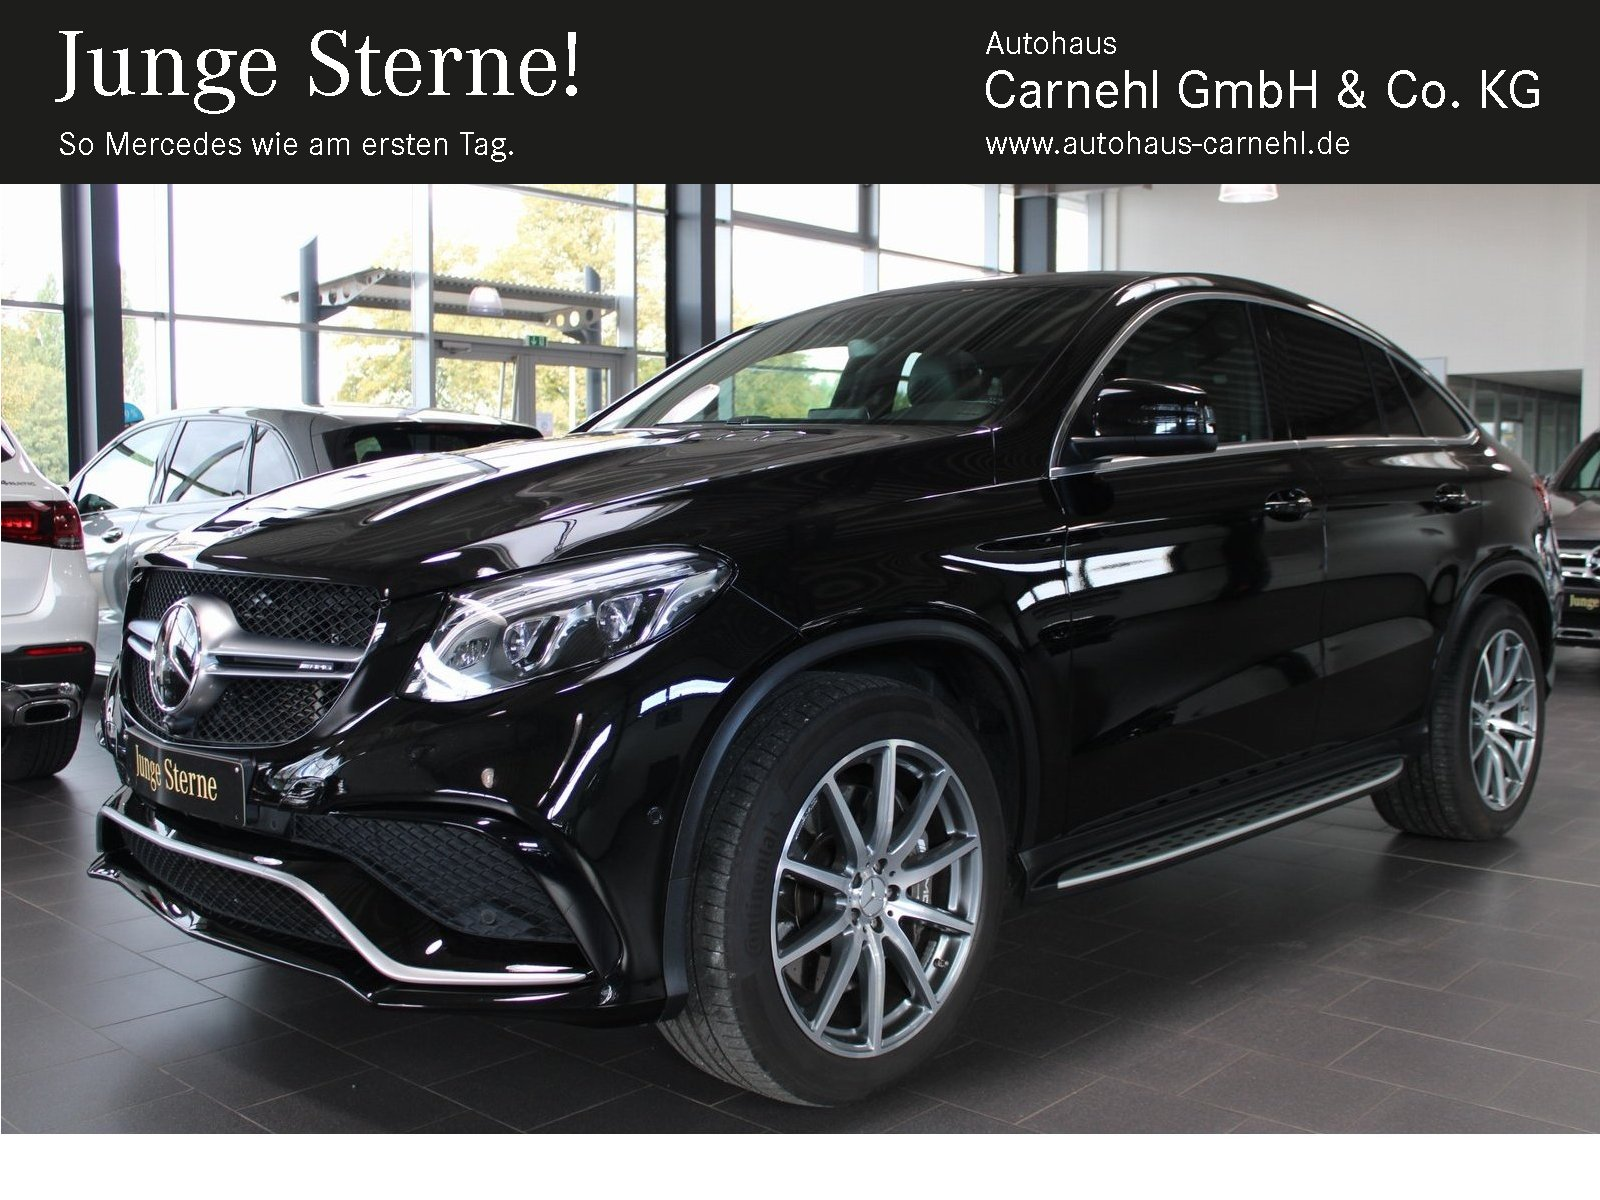 Mercedes-Benz GLE 63 4M Coupé ActCurve+AHK+360°+StandHzg+Pano, Jahr 2016, Benzin